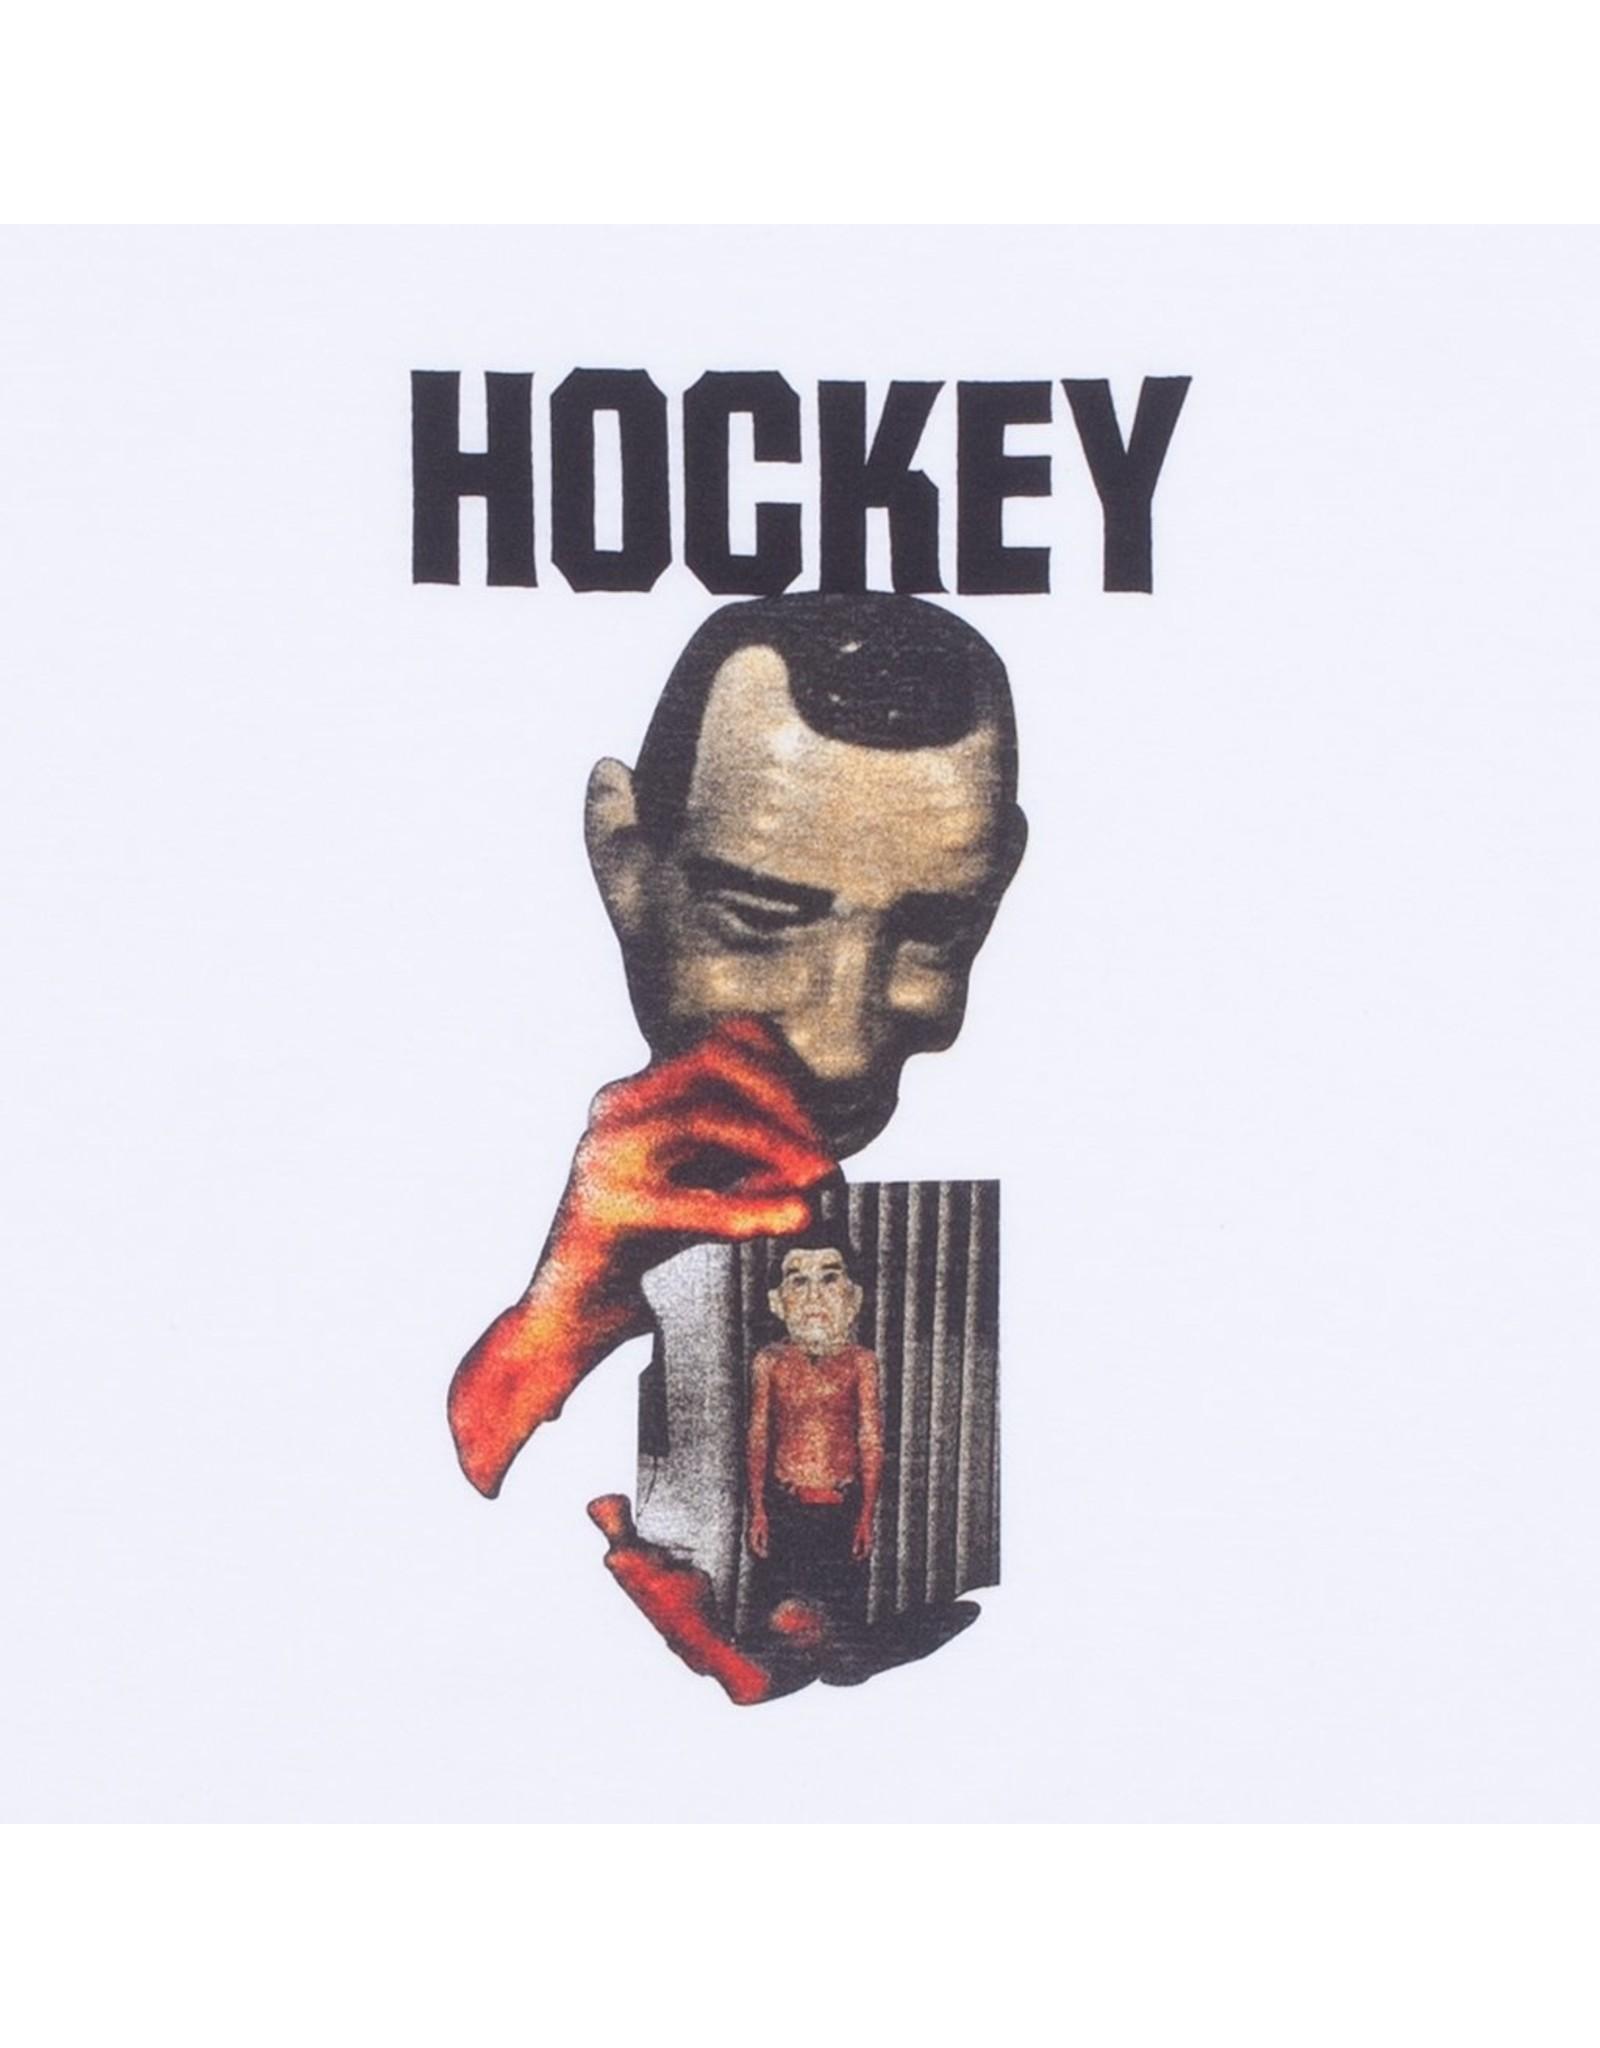 HOCKEY HOCKEY - POINT BREAK S/S - WHITE